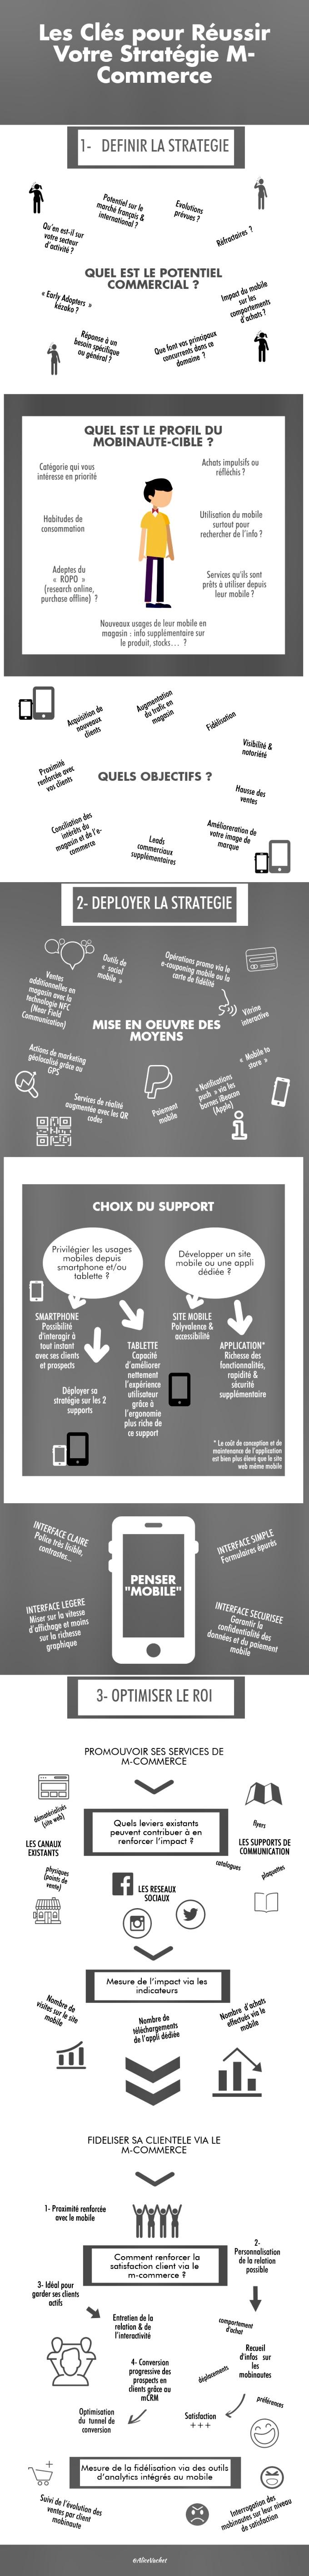 [Infographie] M-Commerce : Les Clés pour Réussir Votre Stratégie🗝